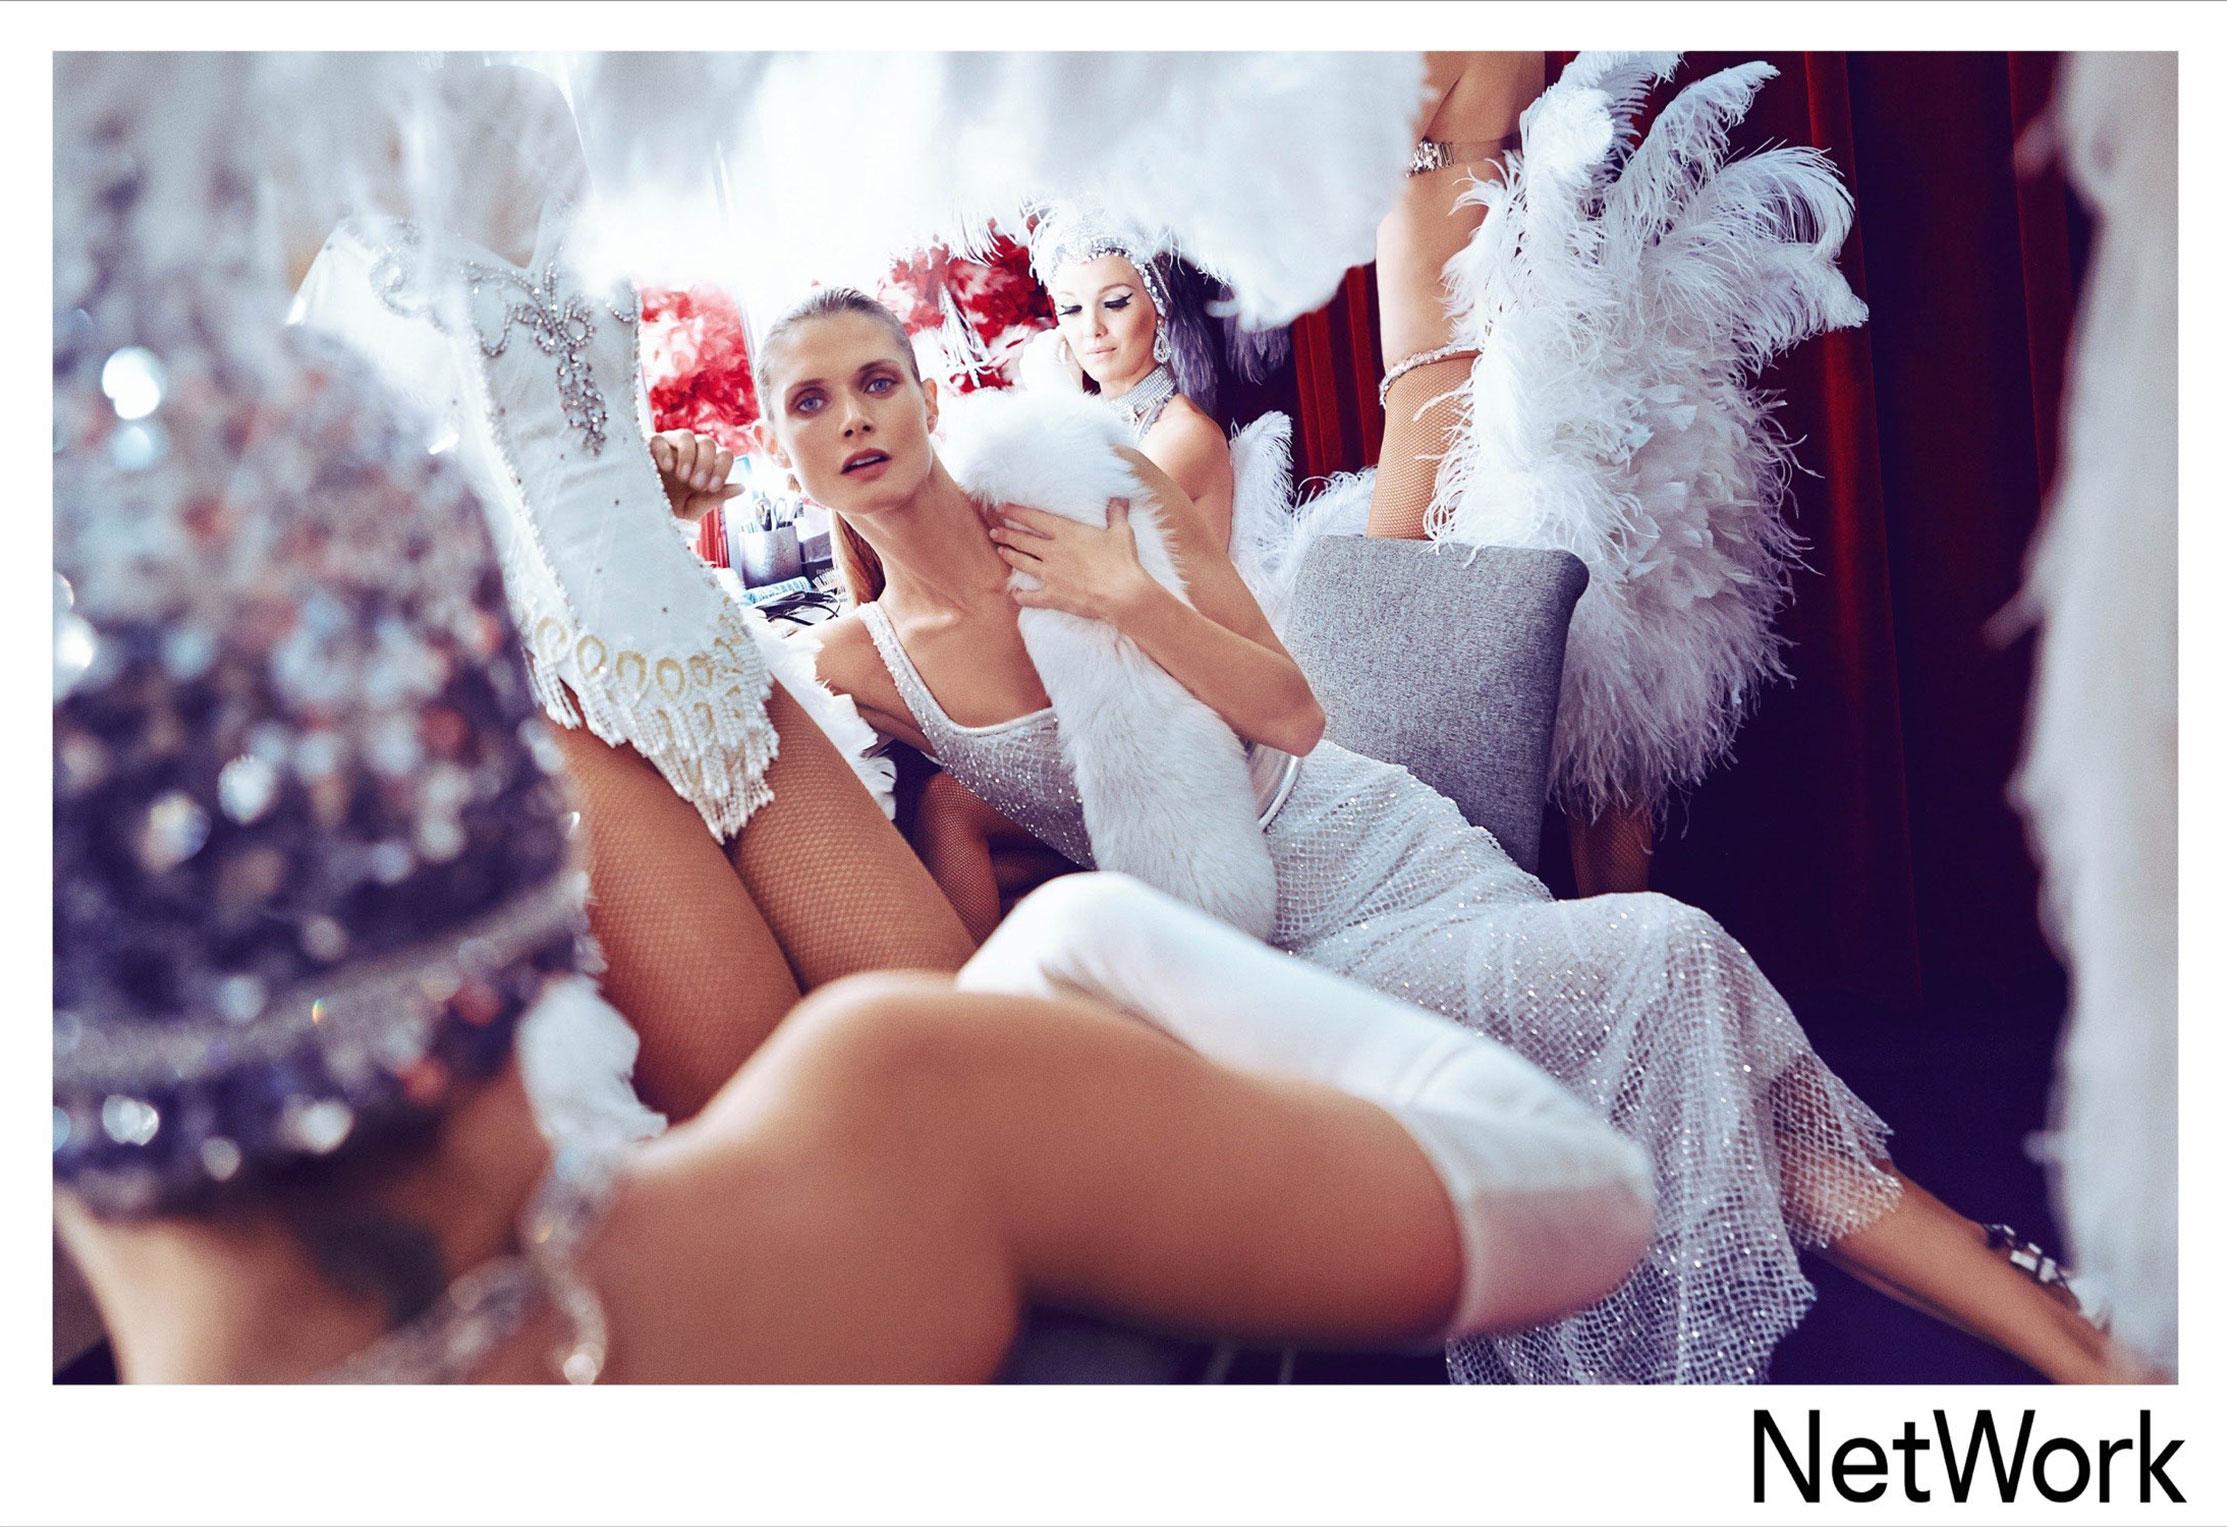 супермодель Малгоша Бела в рекламной кампании турецкого модного бренда Network, сезон весна-лето 2015 / фото 01